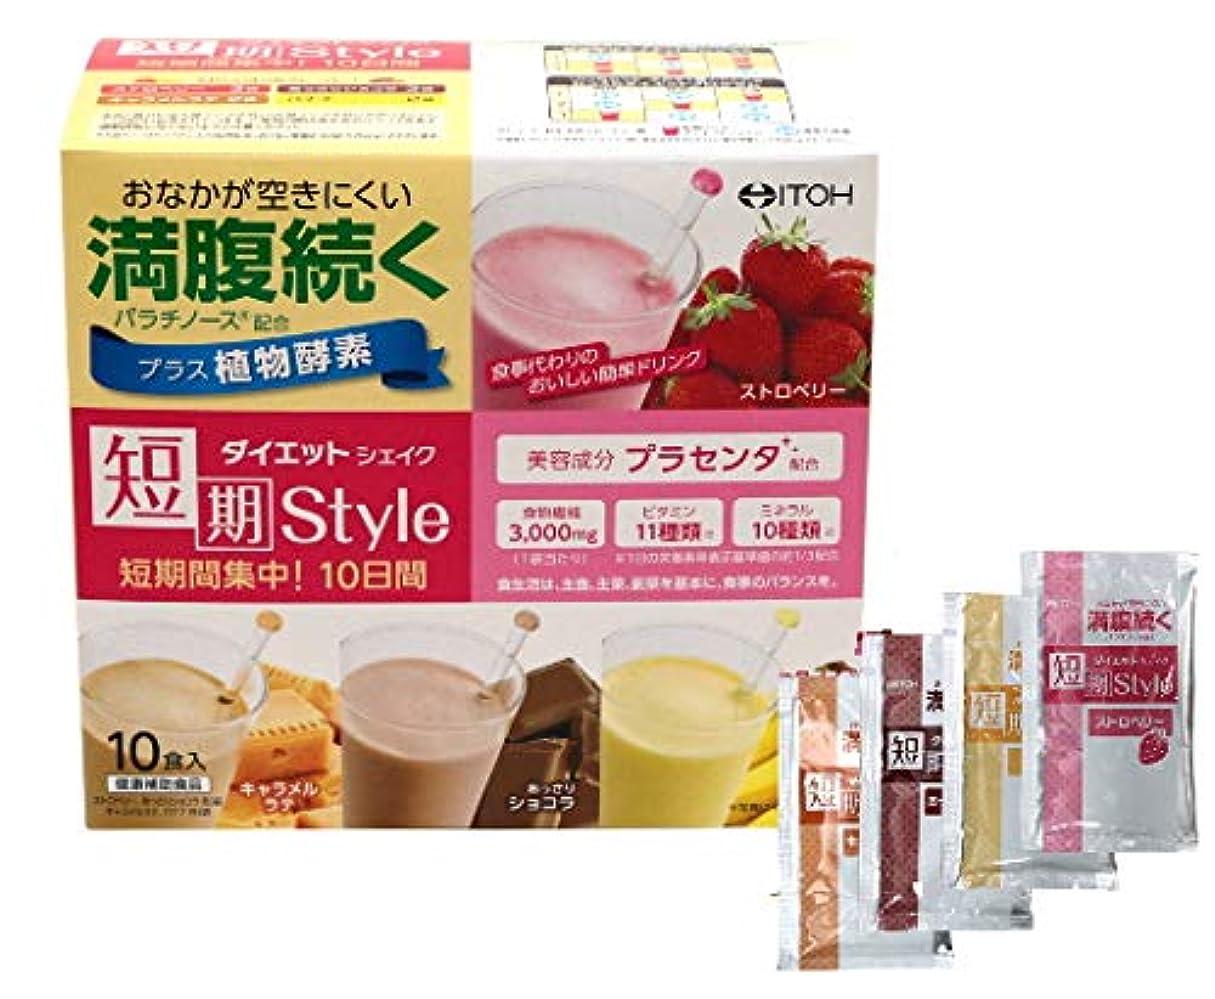 サスティーン表示歩き回る井藤漢方 短期スタイル ダイエットシェイク(25g×10袋)2個セット